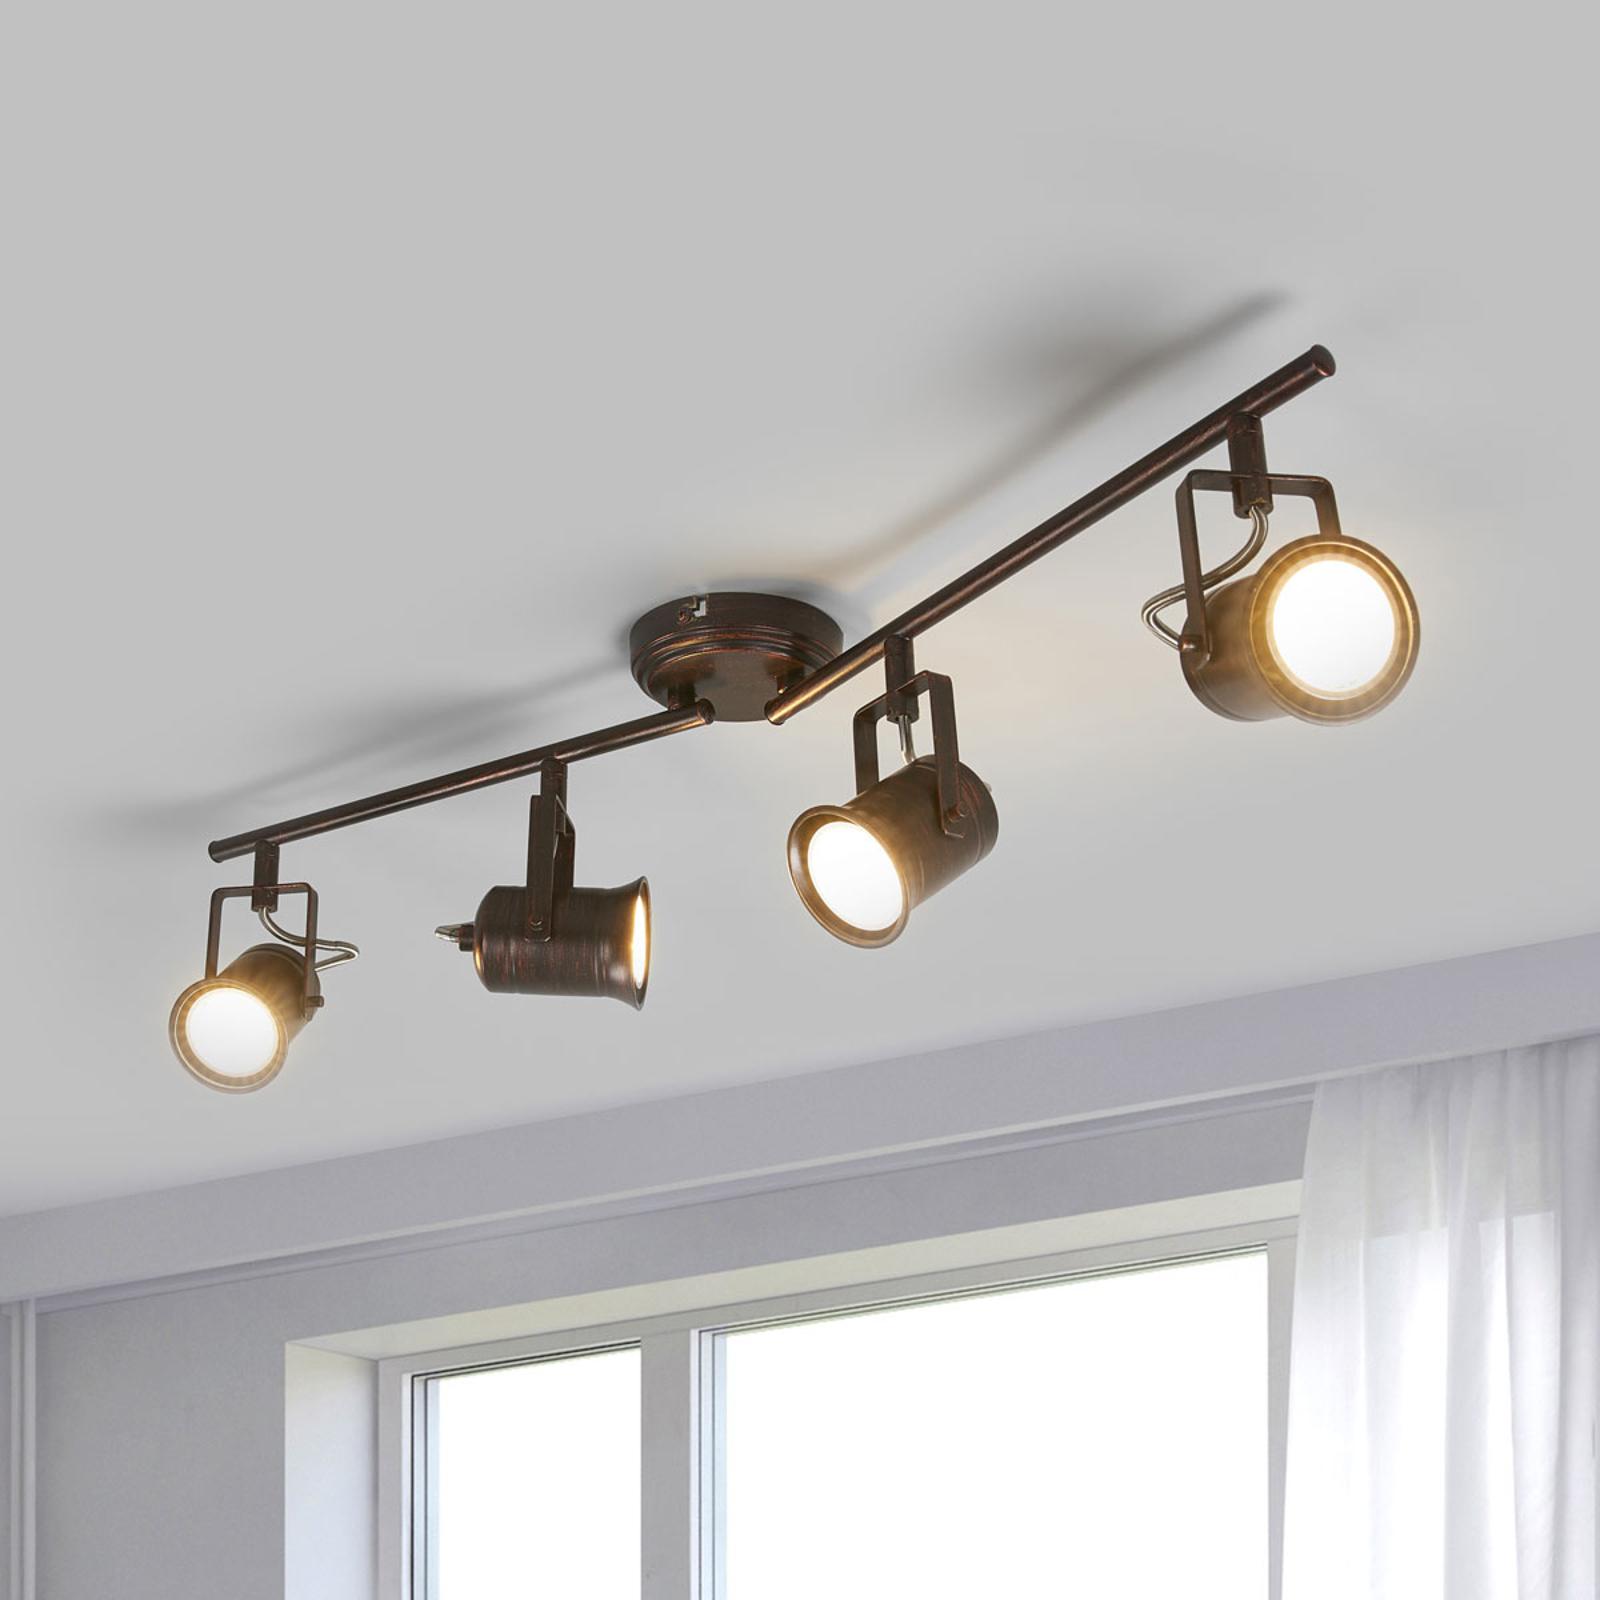 4-lamppuinen LED-kattovalaisin, rustiikkinen tyyli